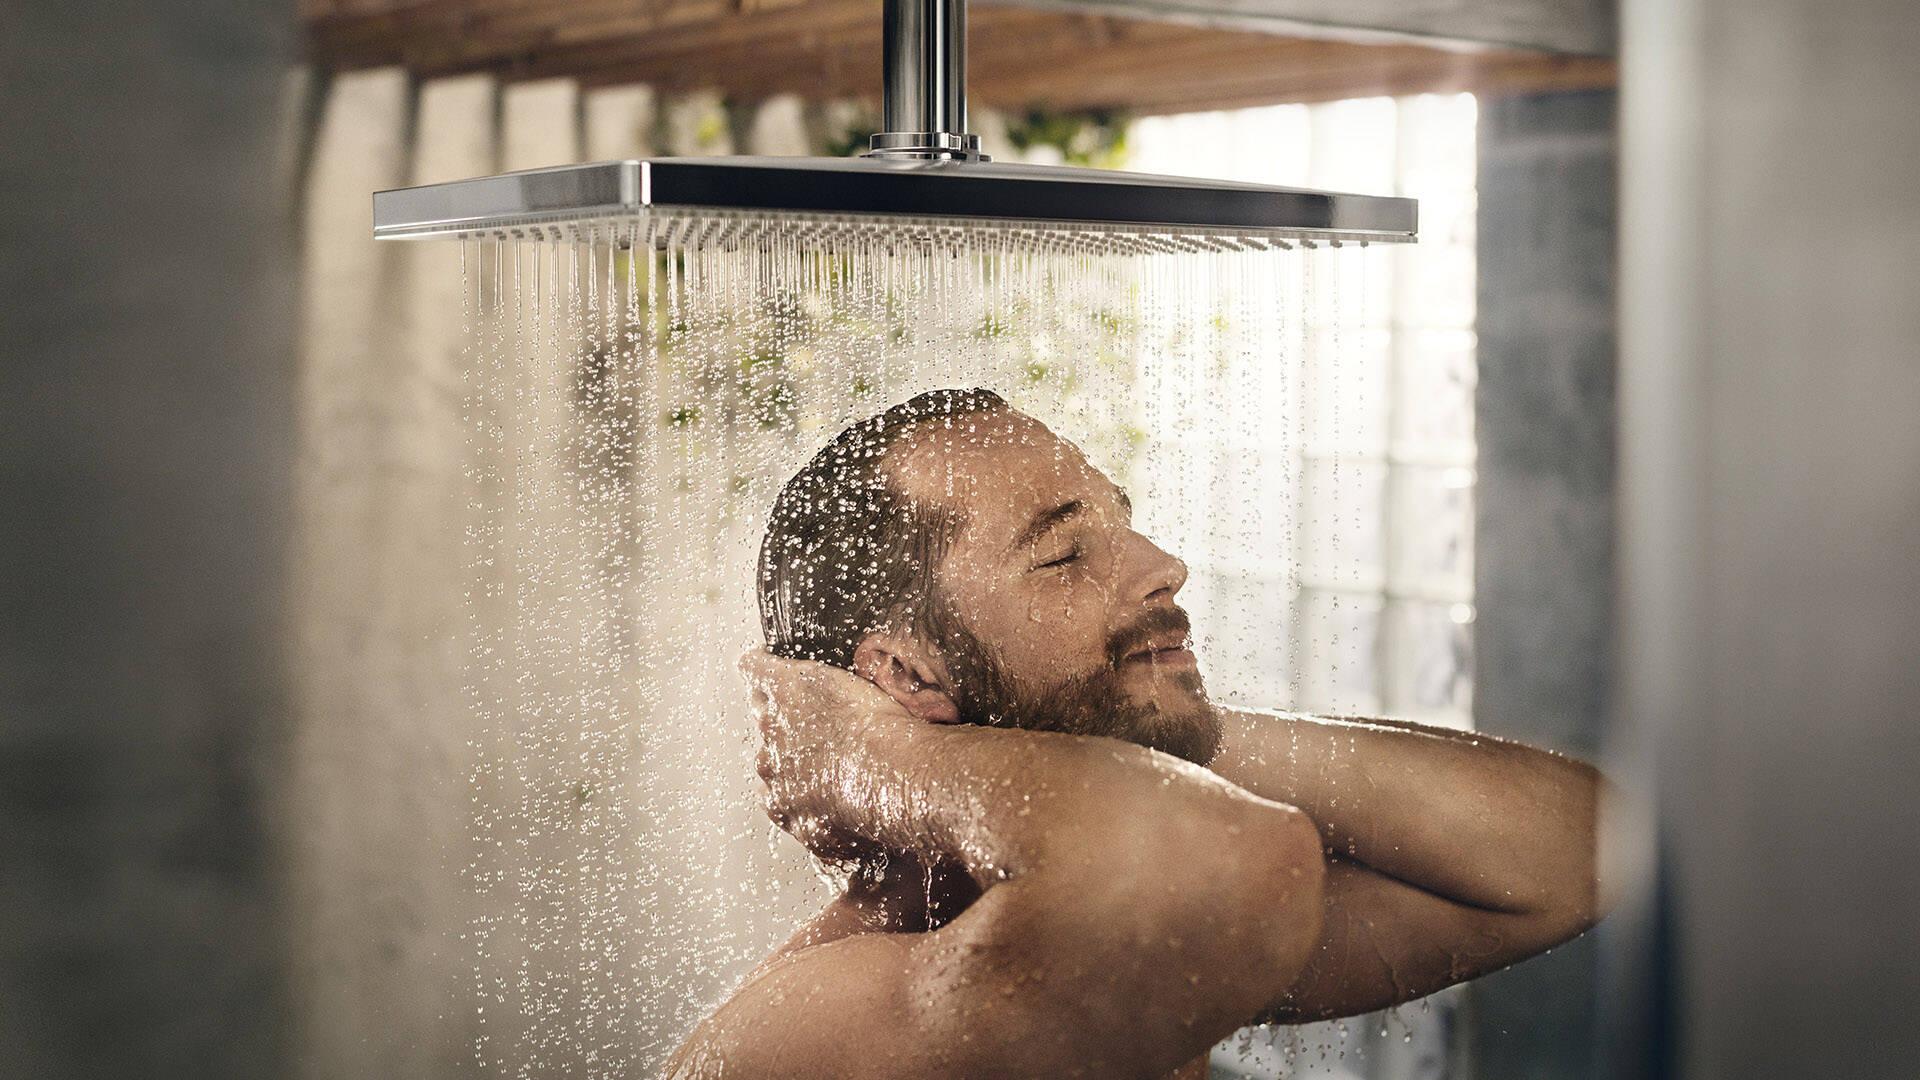 Как спастись от жары, если у вас нет кондиционера: 10 полезных советов — фото 1